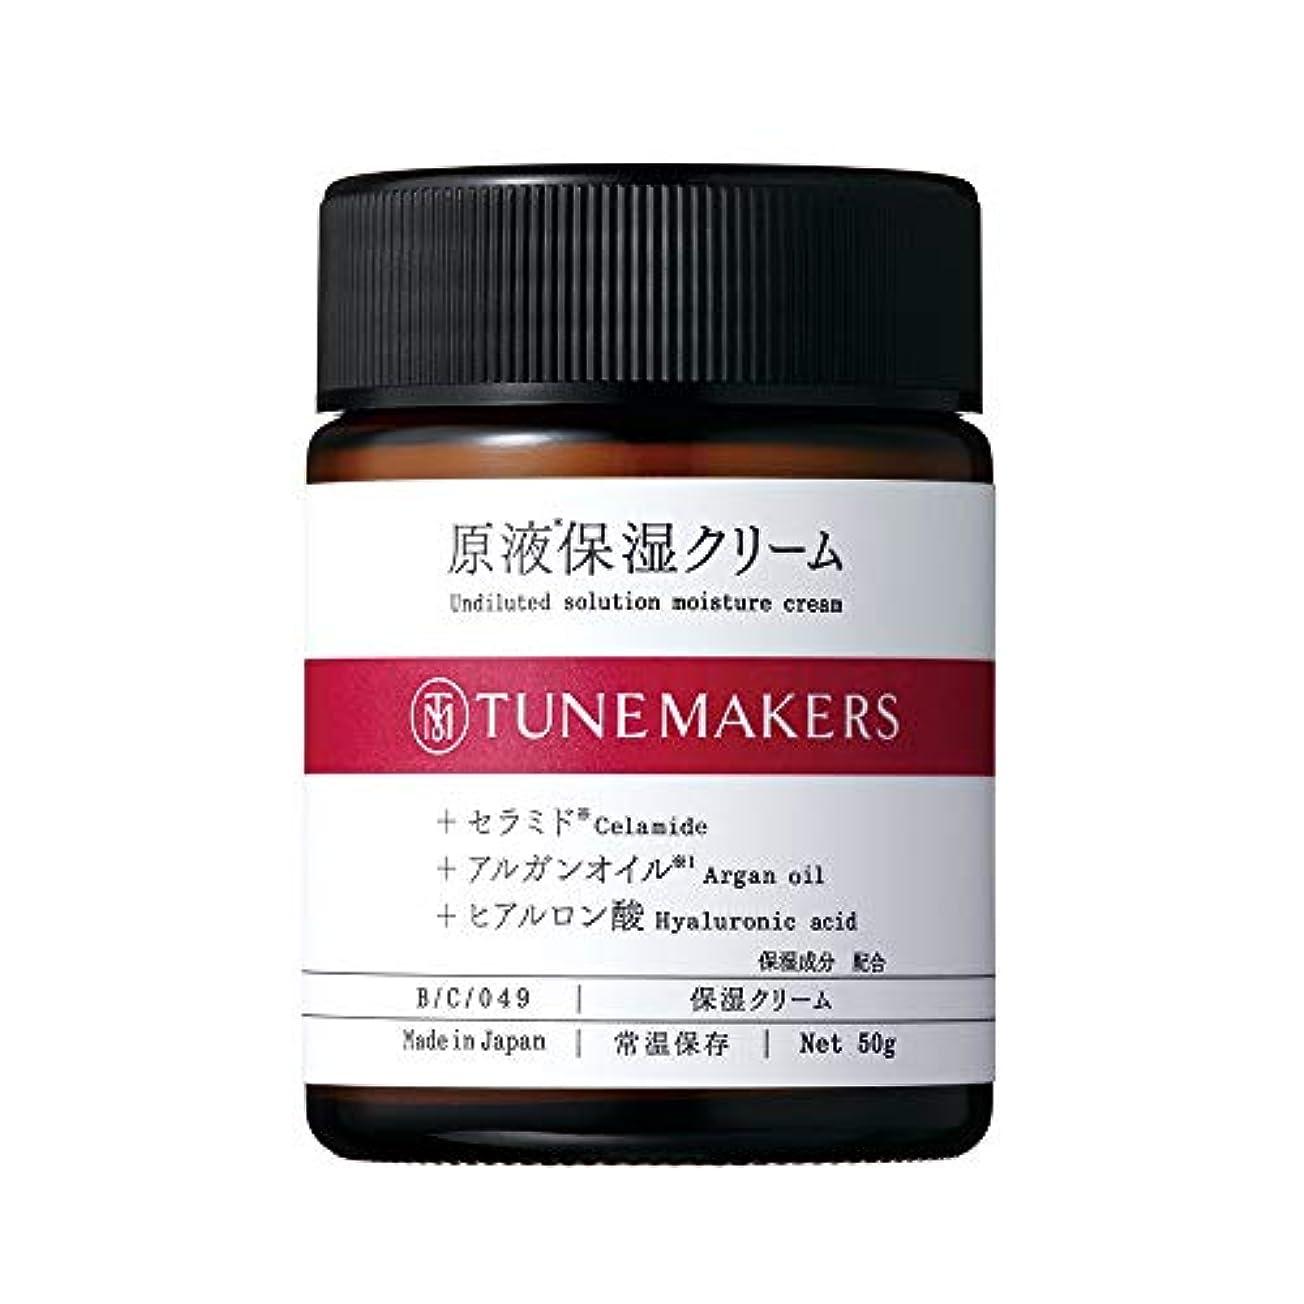 男リマーク指TUNEMAKERS(チューンメーカーズ) 原液保湿クリーム 50g